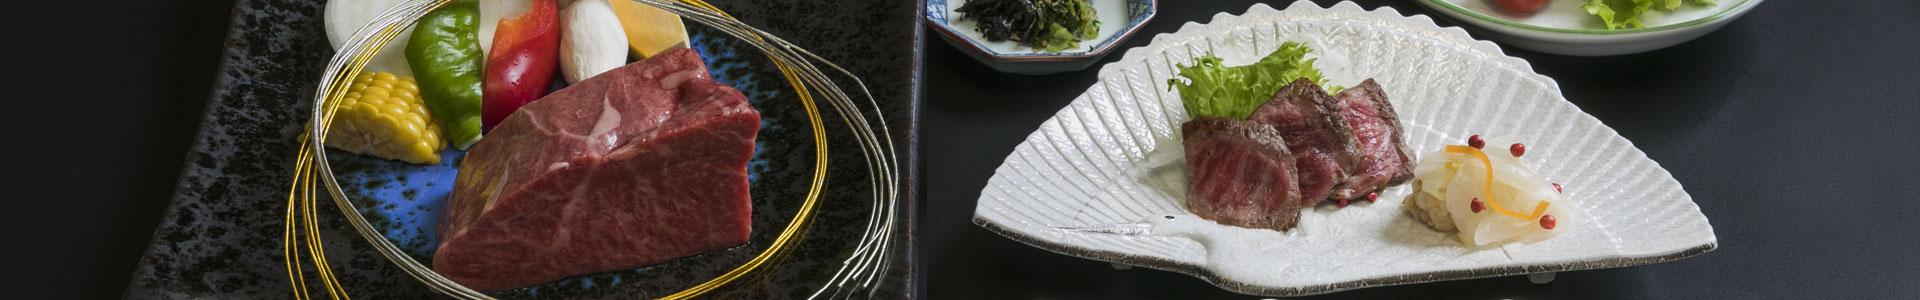 長崎 和食 ステーキ よひらの公式ホームページ